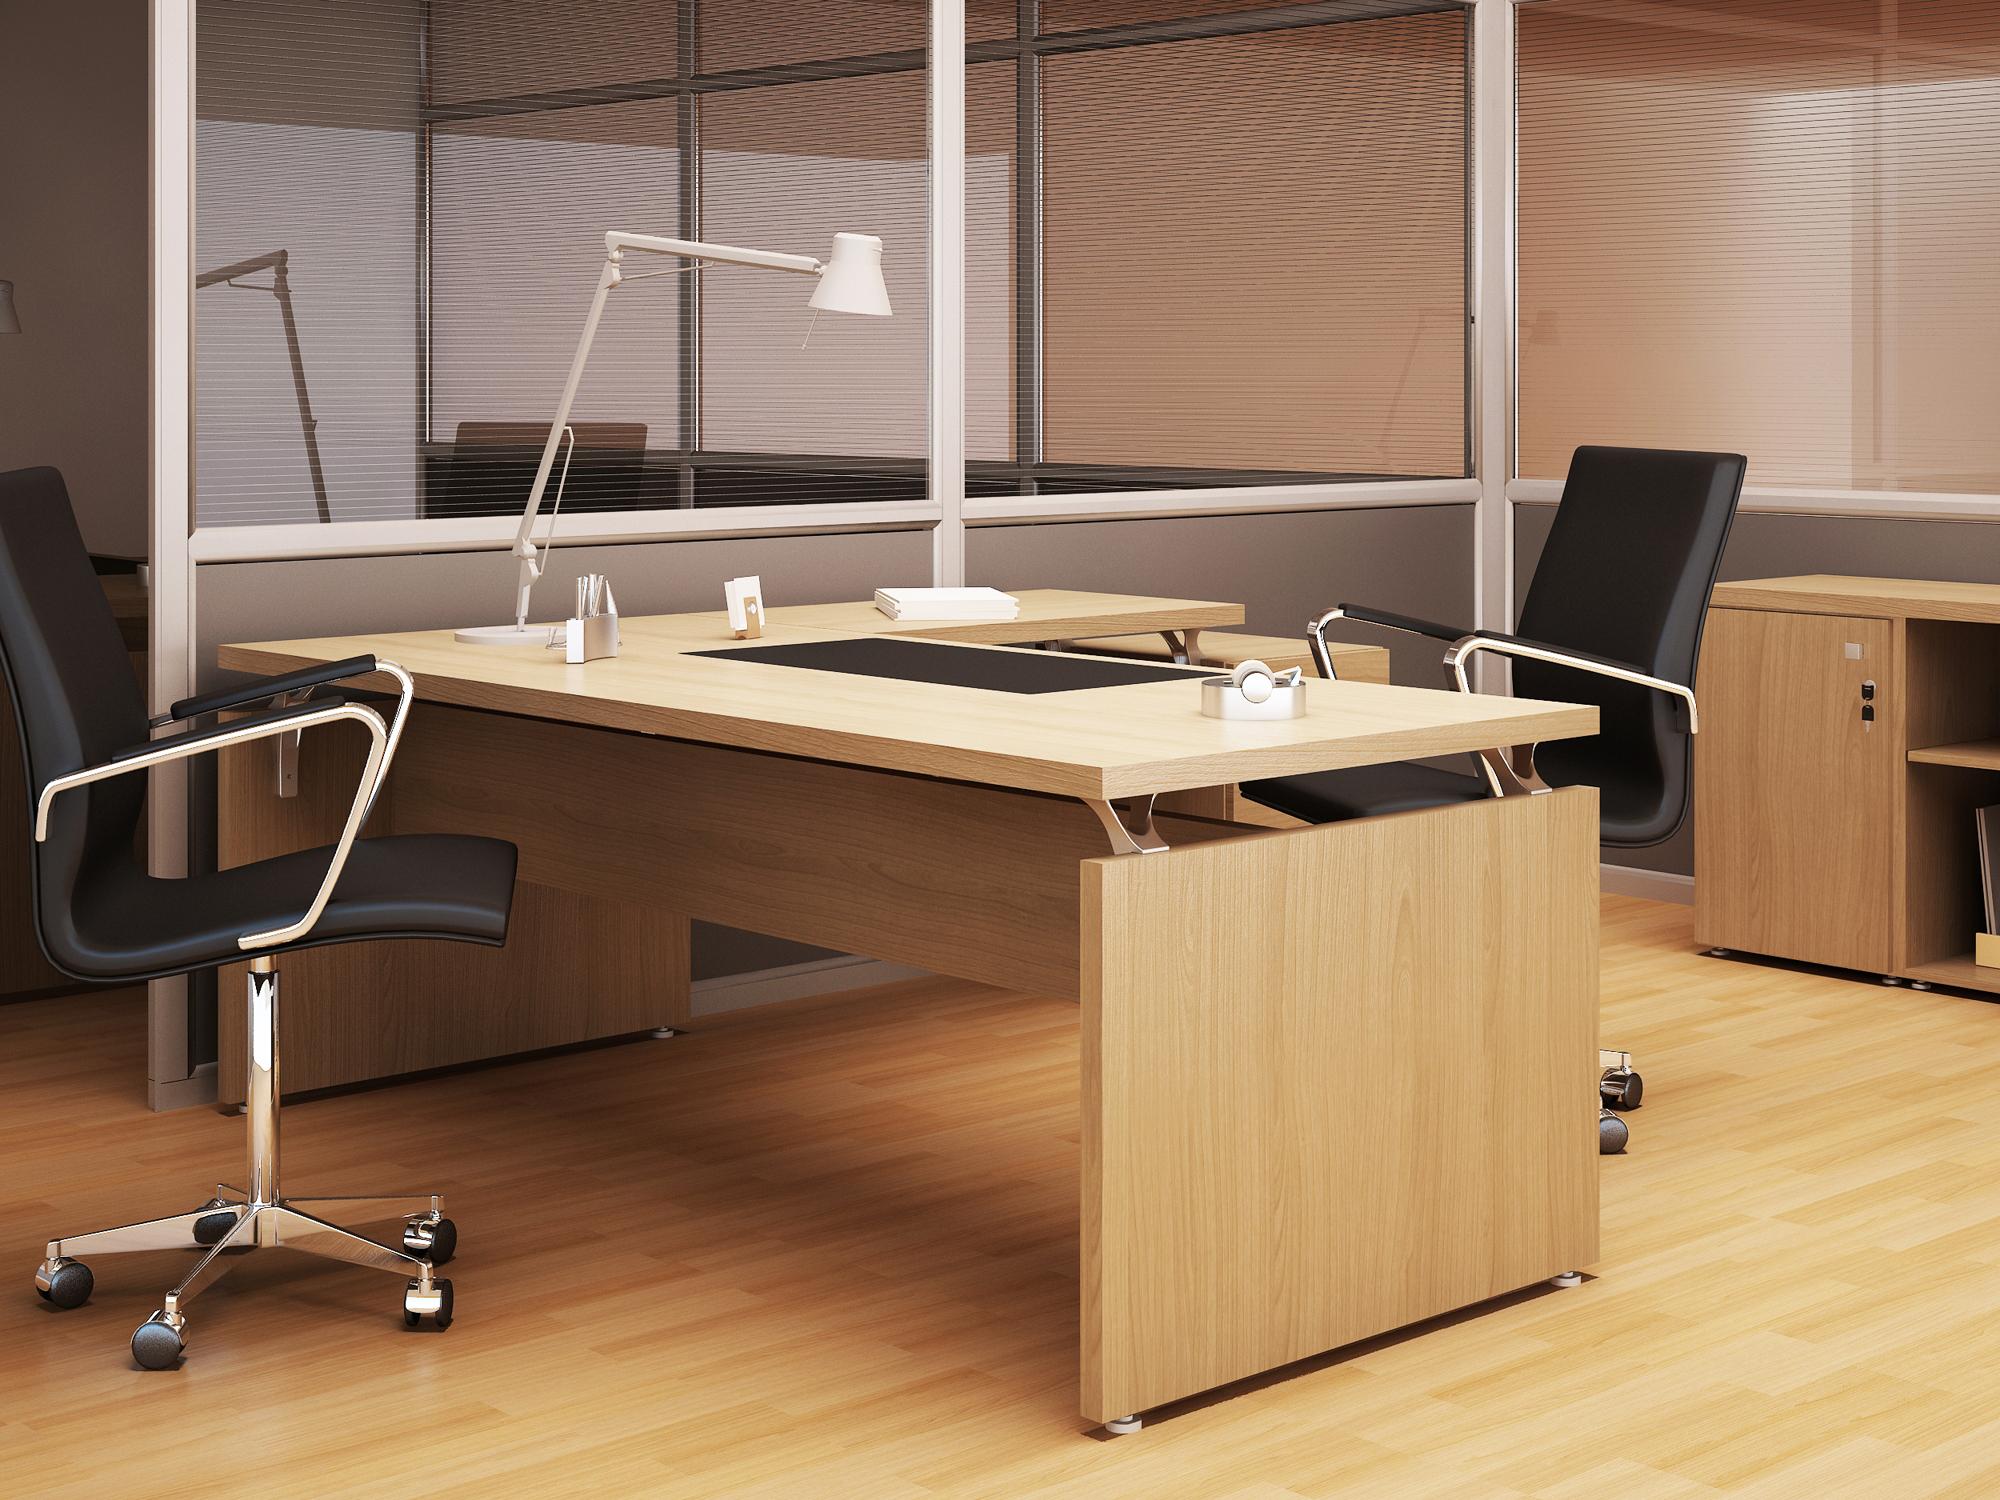 Puestos gerenciales vertebrata caporaso for Diseno de oficinas gerenciales